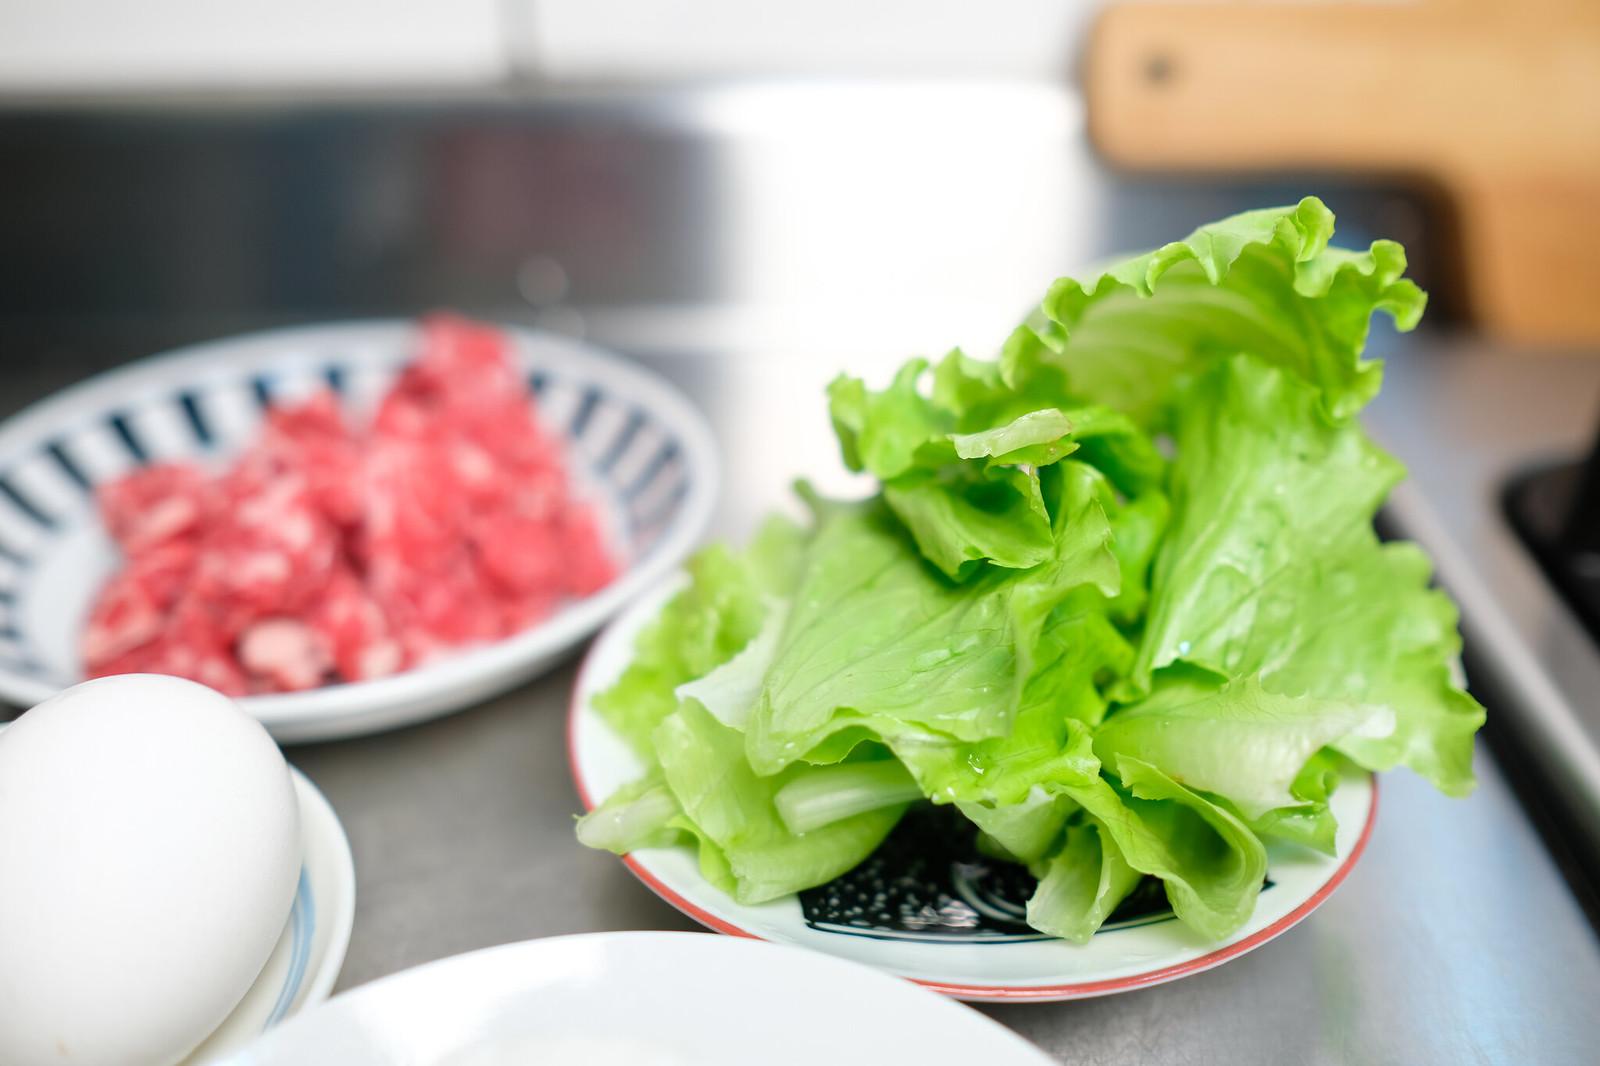 老協珍熬湯粥-牛肉蔬菜滑蛋-準備蔬菜